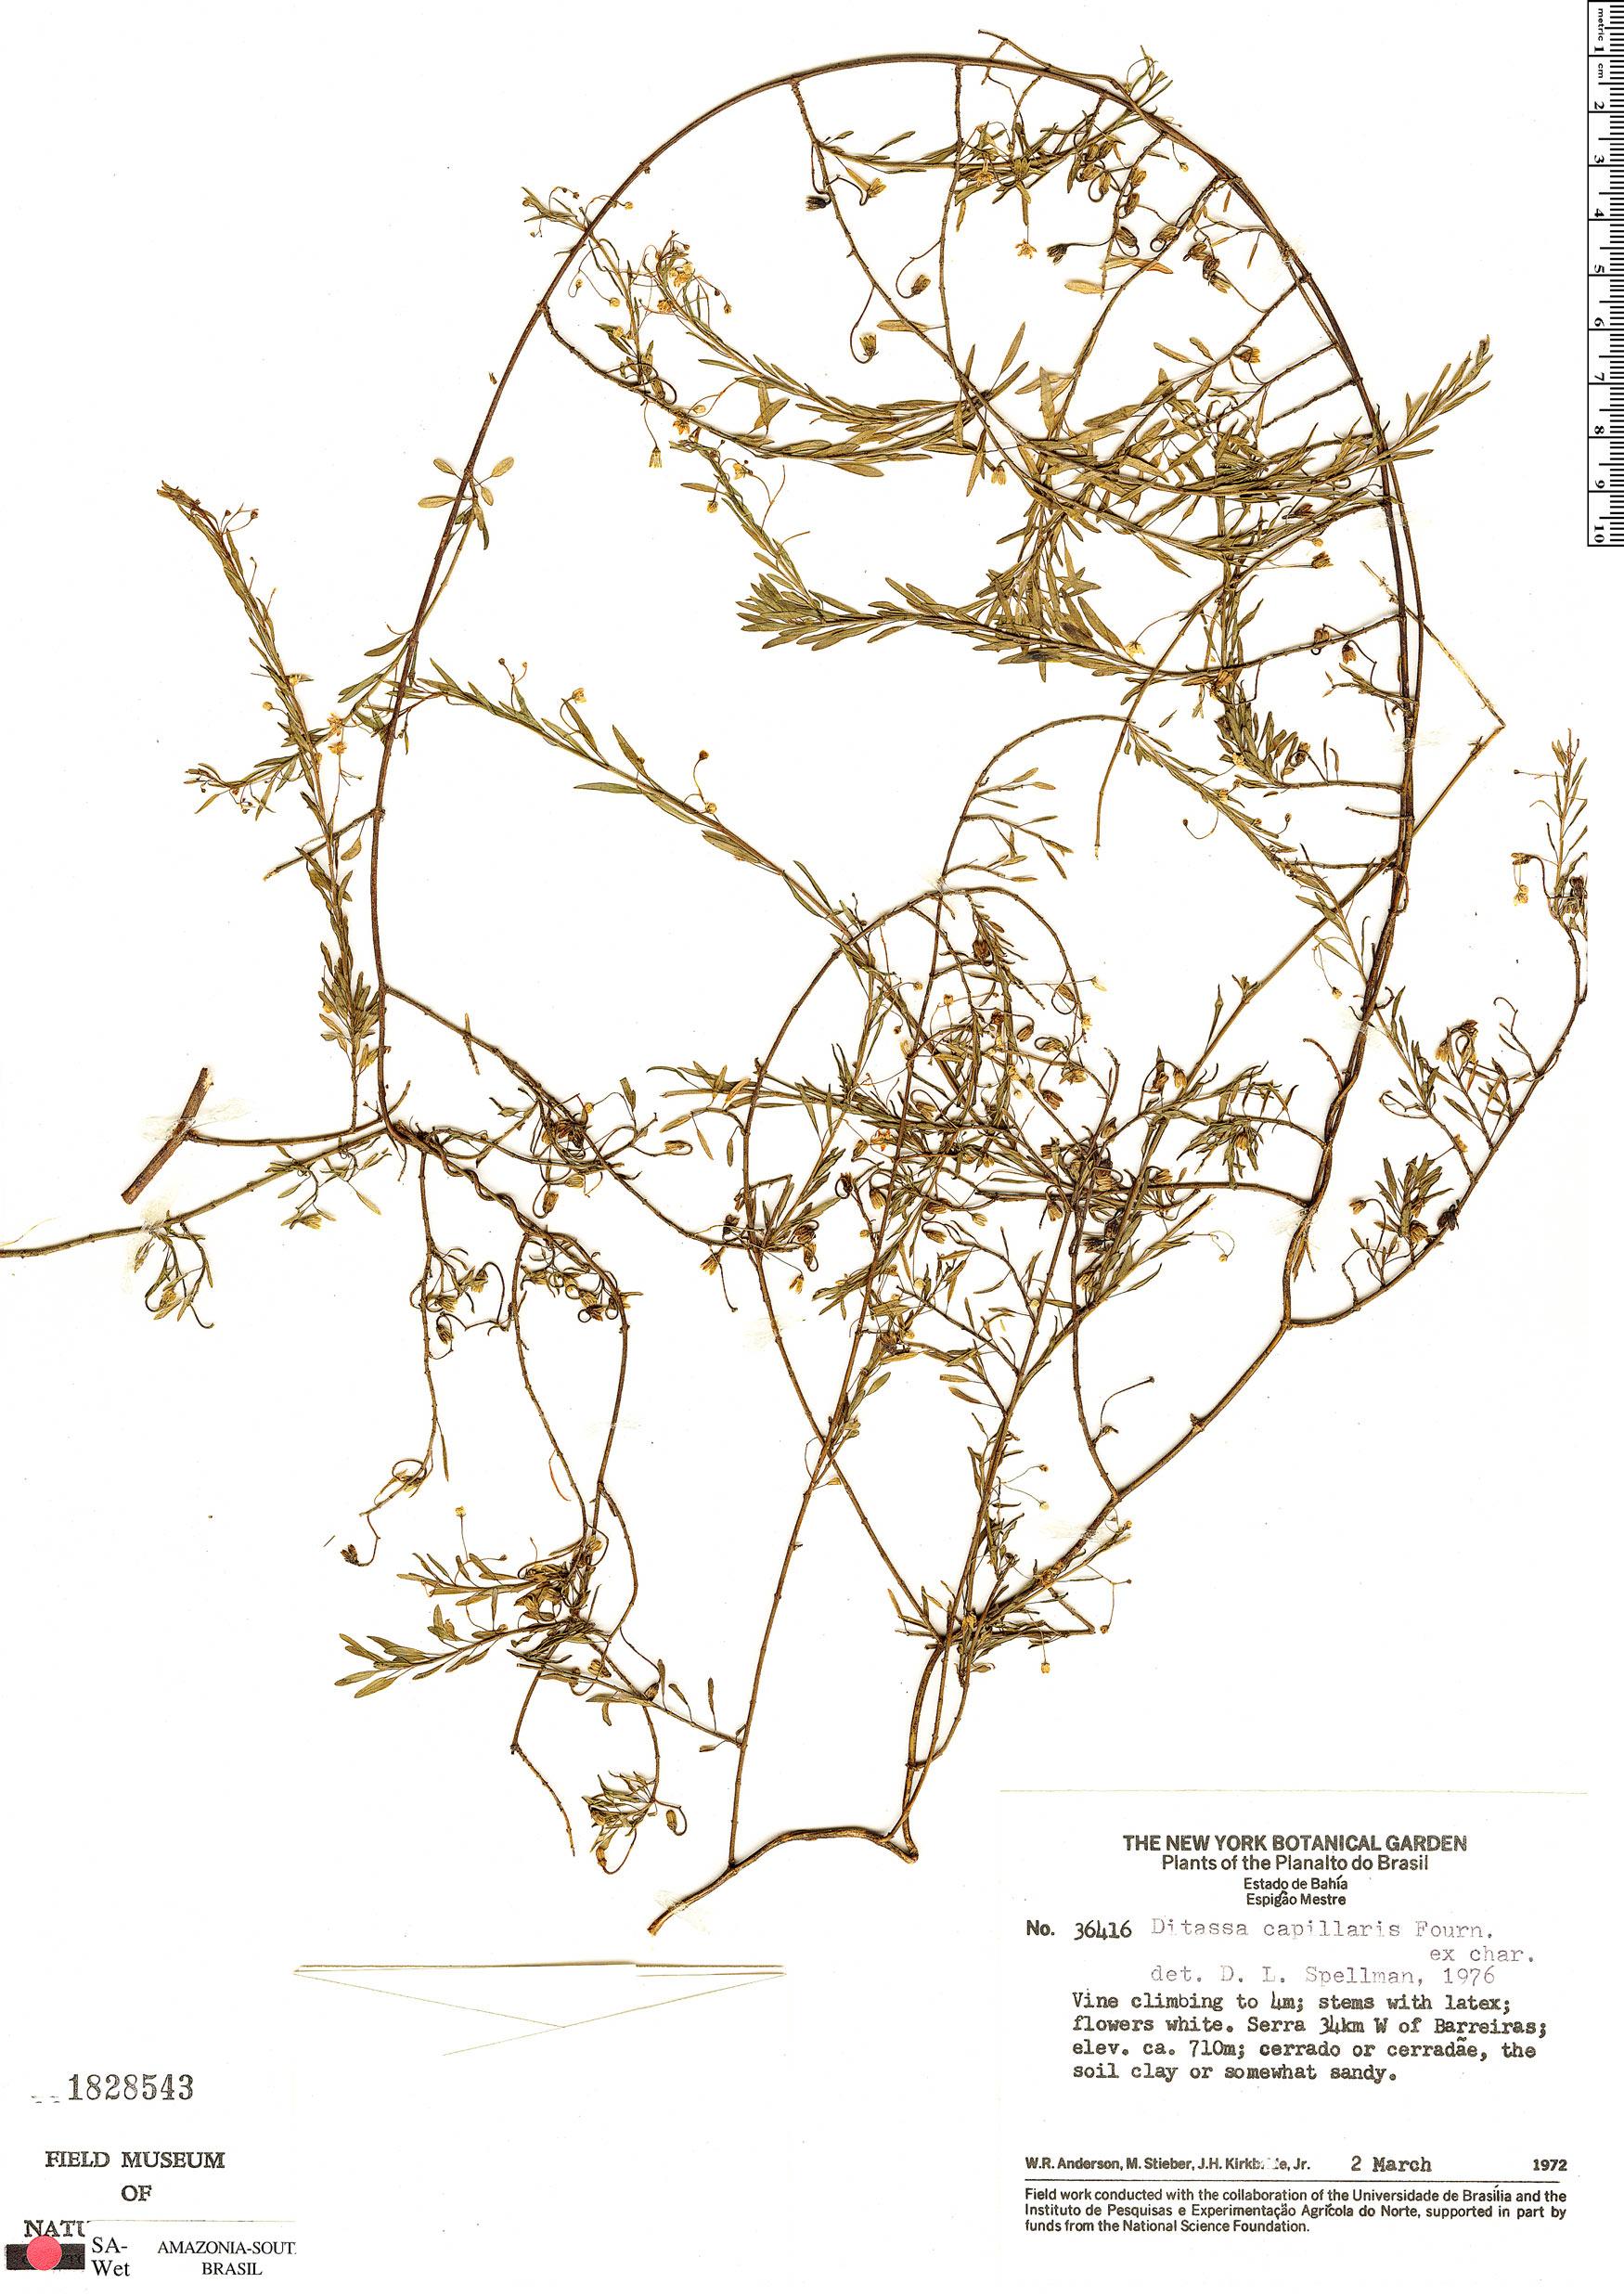 Specimen: Ditassa capillaris